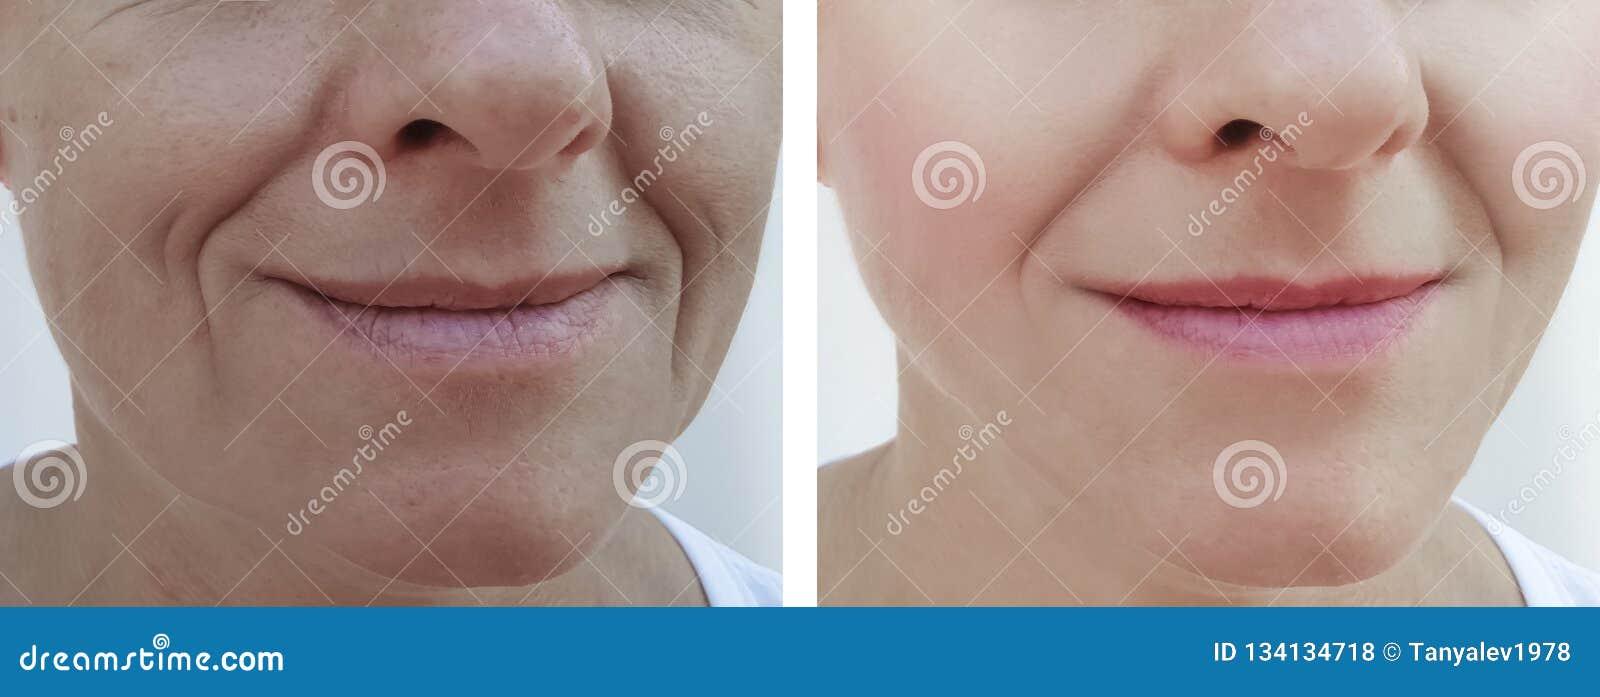 Las arrugas de la mujer hacen frente al paciente de la diferencia del retiro antes y después de cosmetología de los tratamientos